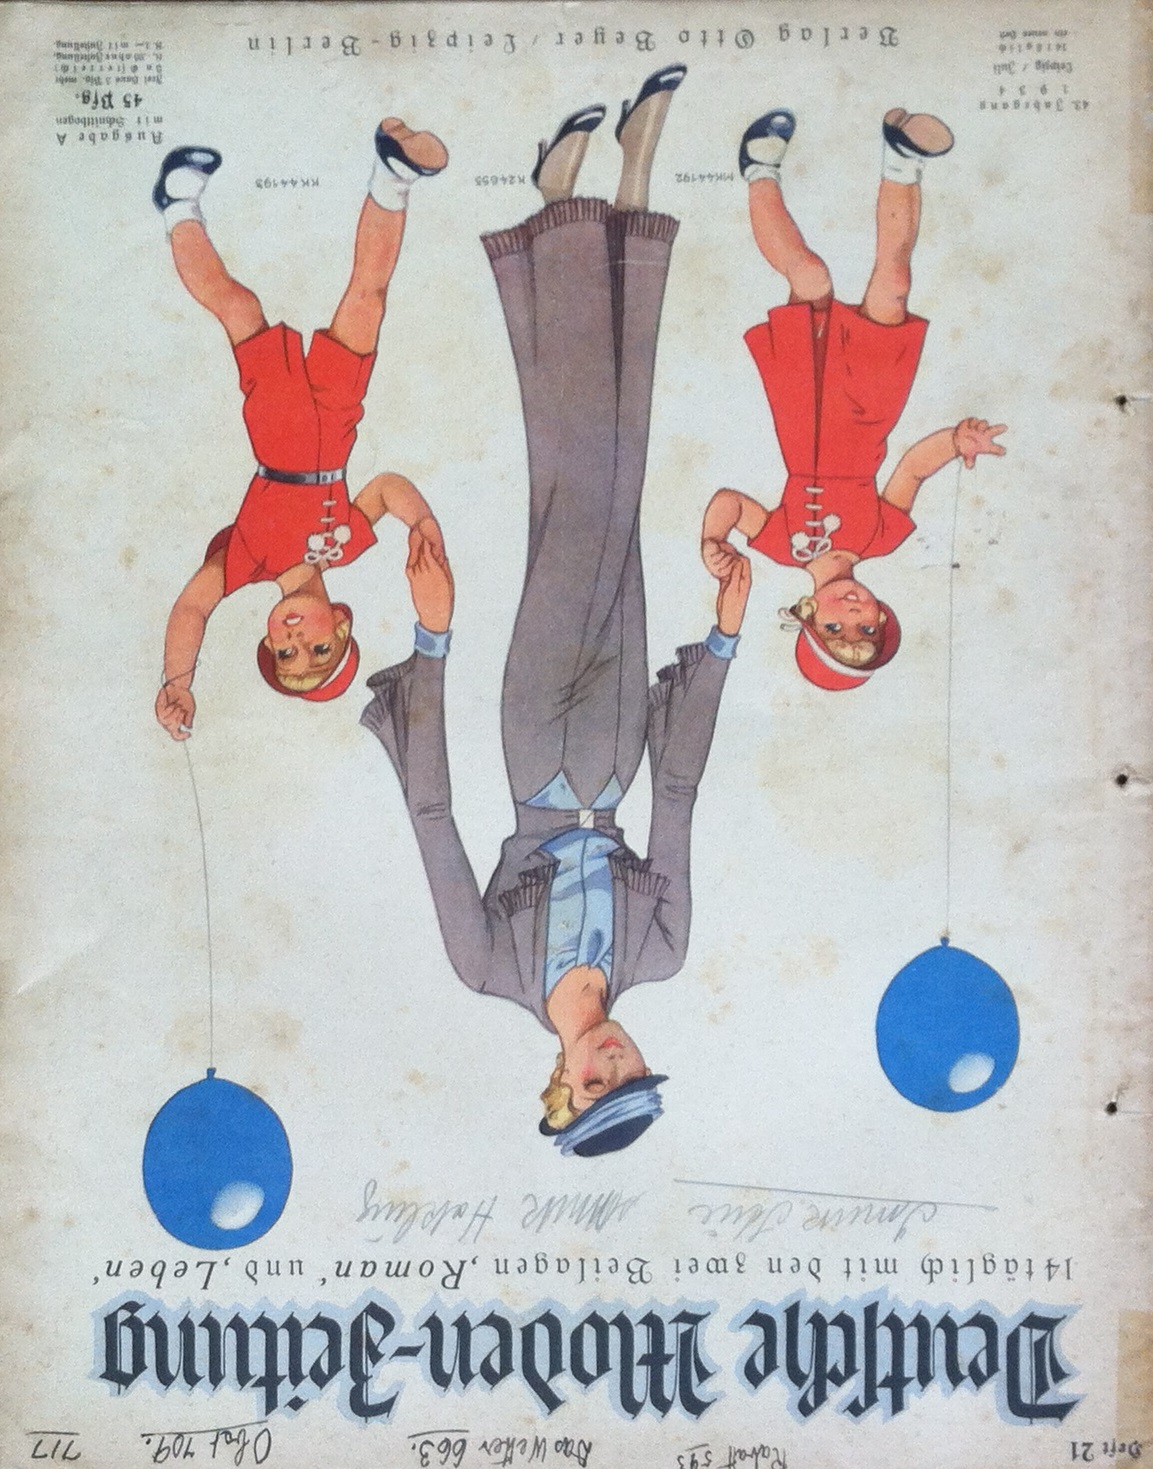 Deutsche Moden-Zeitung No. 21 Vol. 43 1933/34